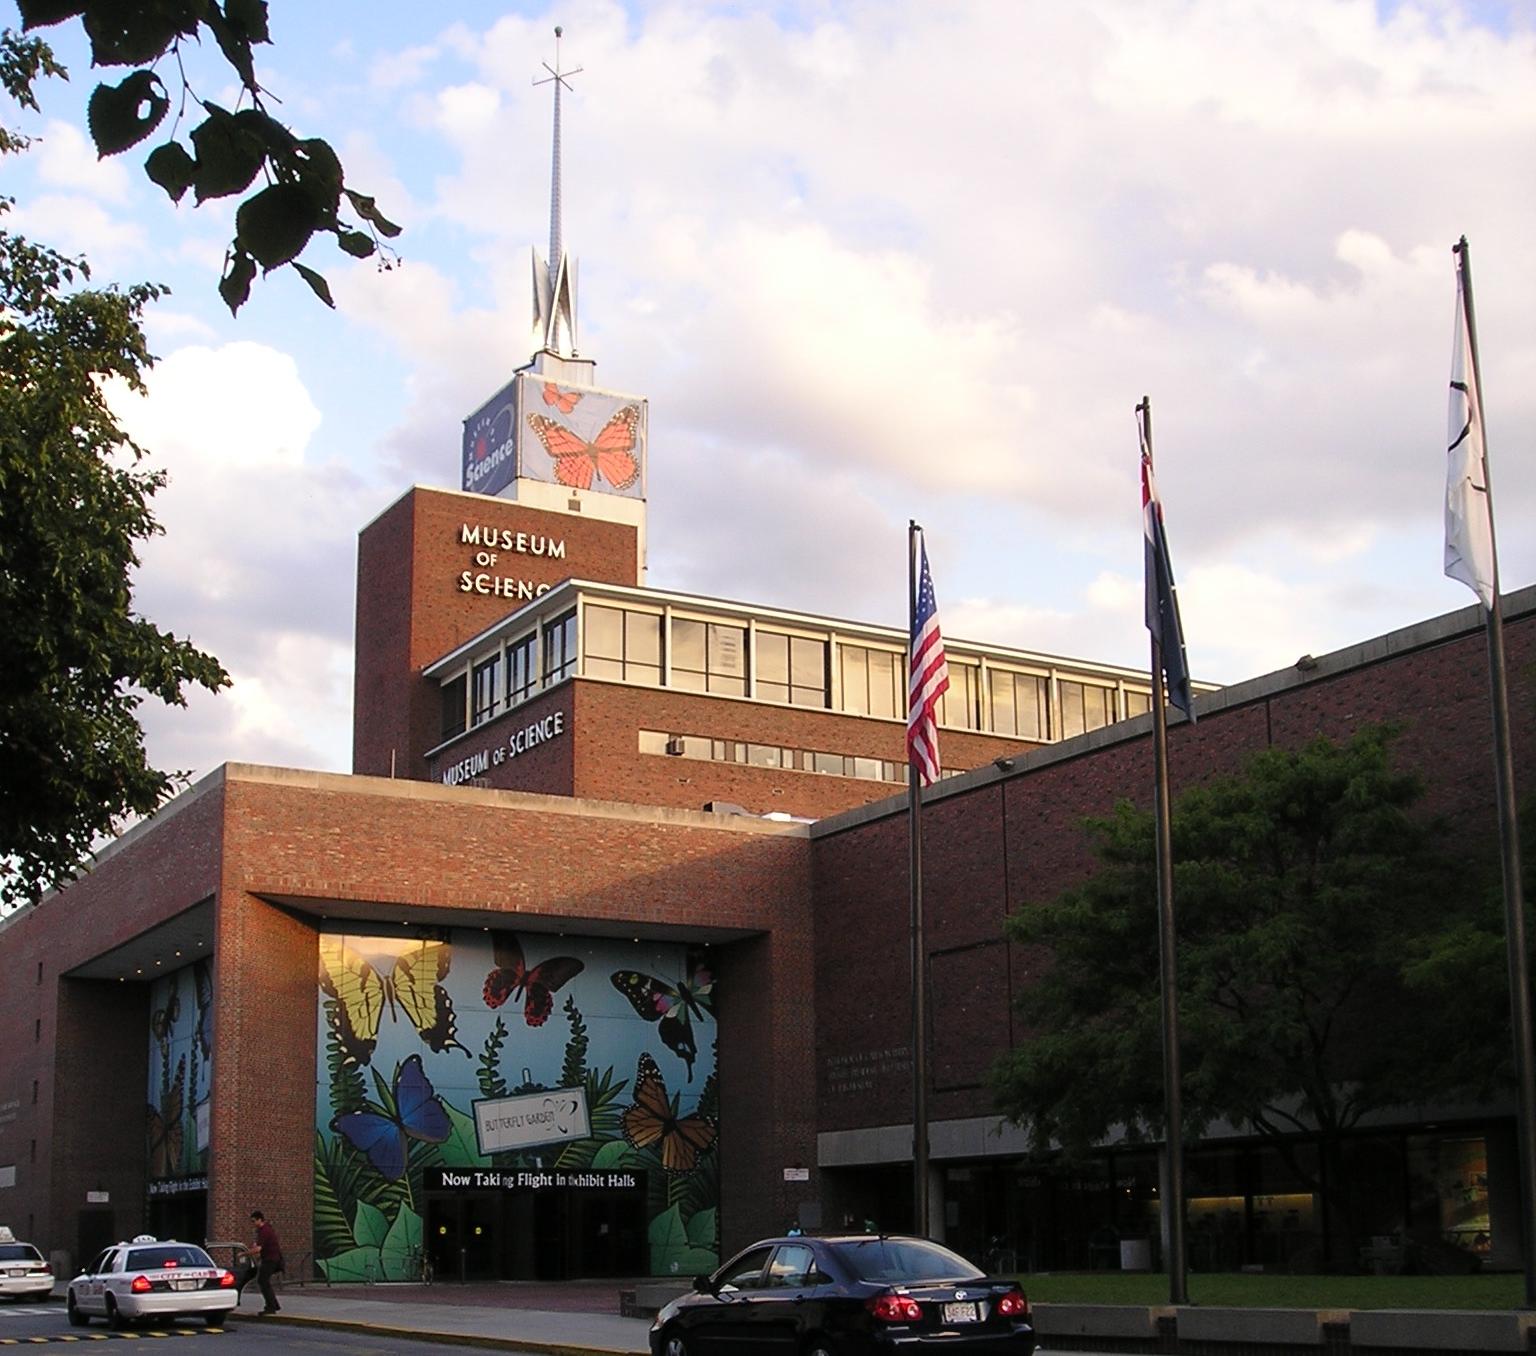 Omni Theater Boston Planetarium